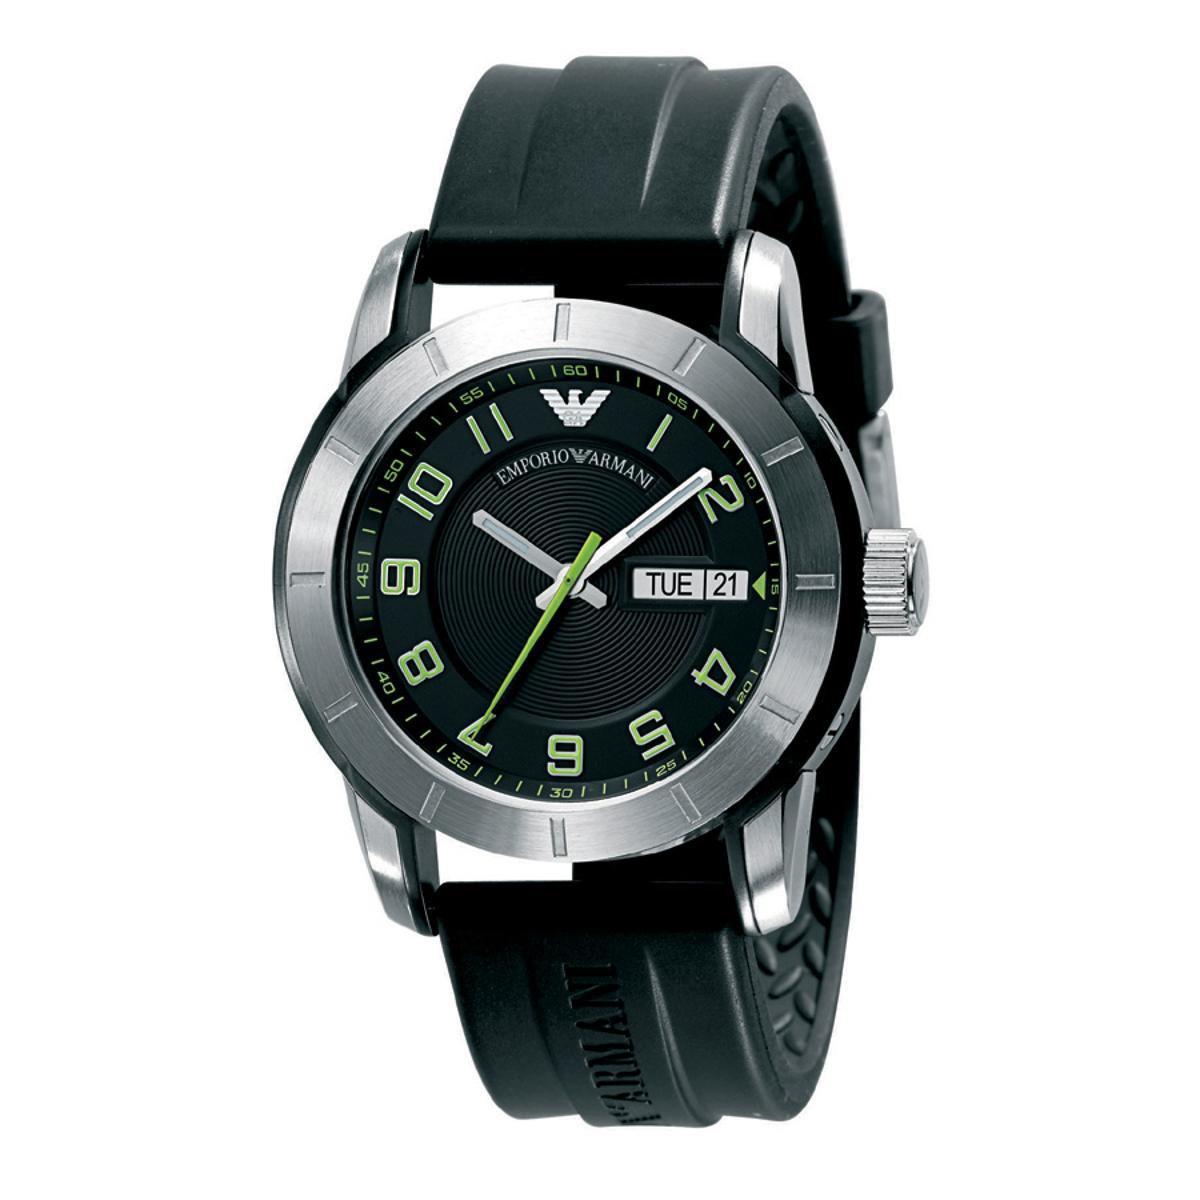 6abcbfc304af6 Relógio Emporio Armani Masculino Preto - HAR5871 N HAR5871 N - Compre Agora